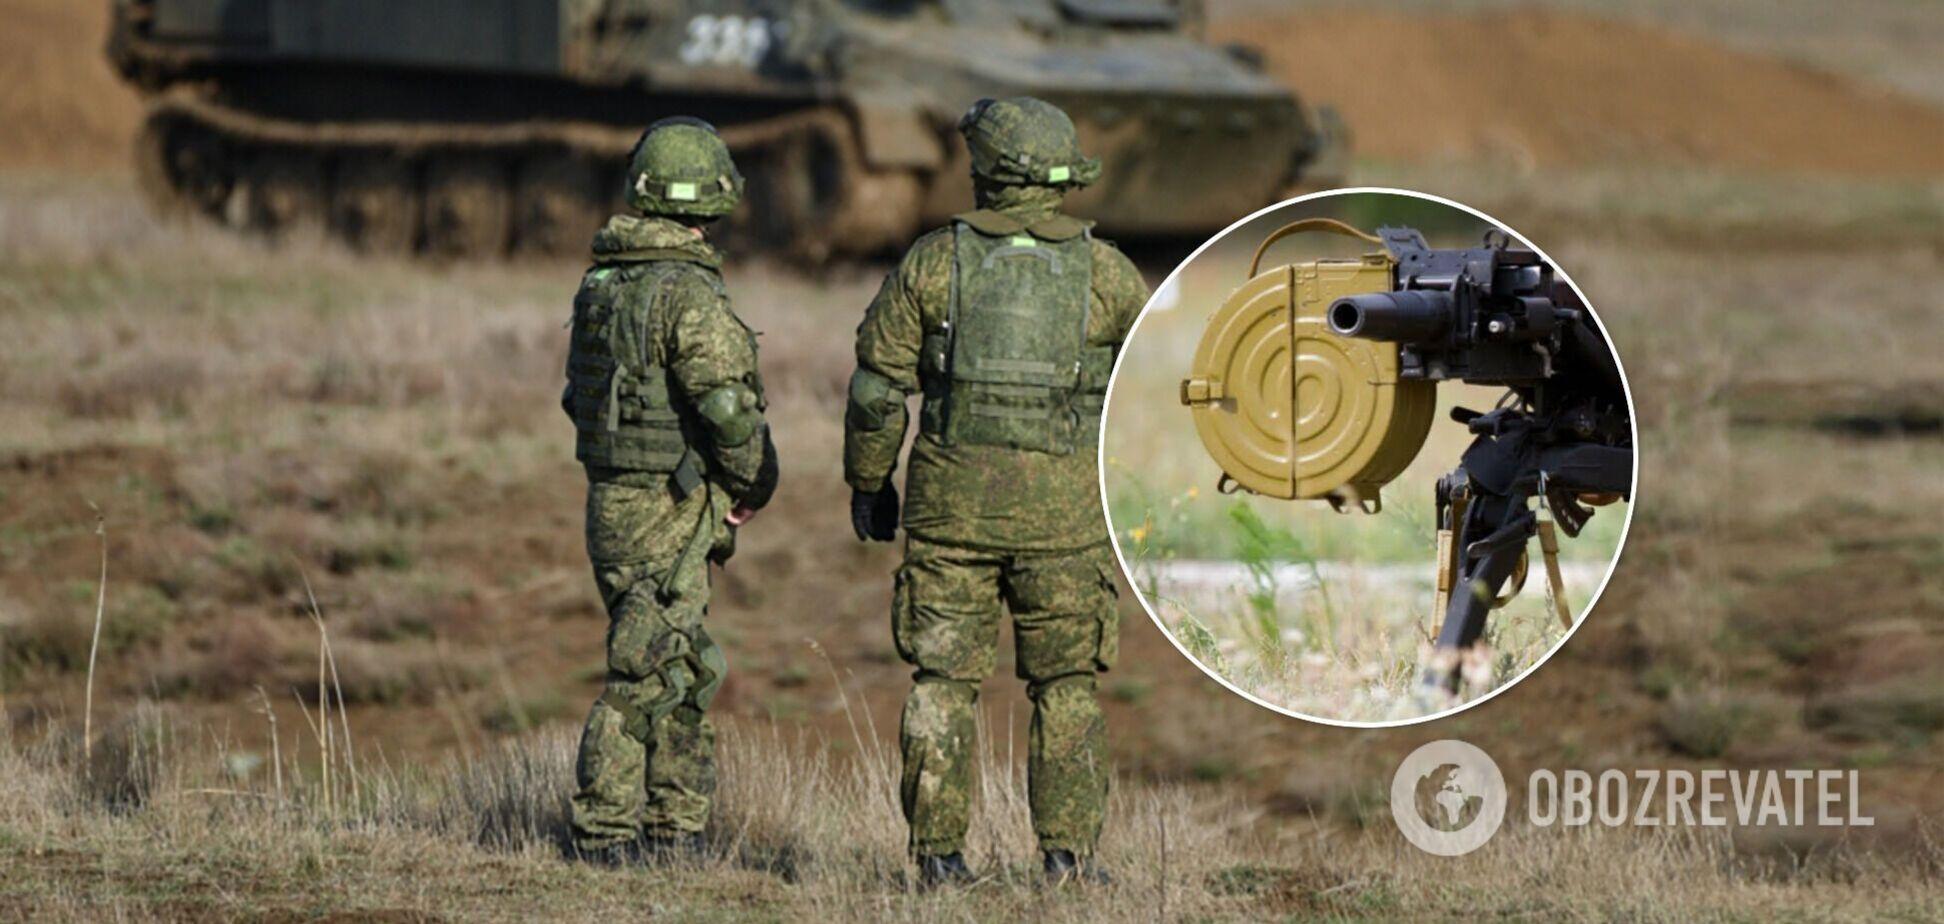 Оккупанты обстреляли позиции ВСУ на Донбассе из гранатометов – штаб ООС